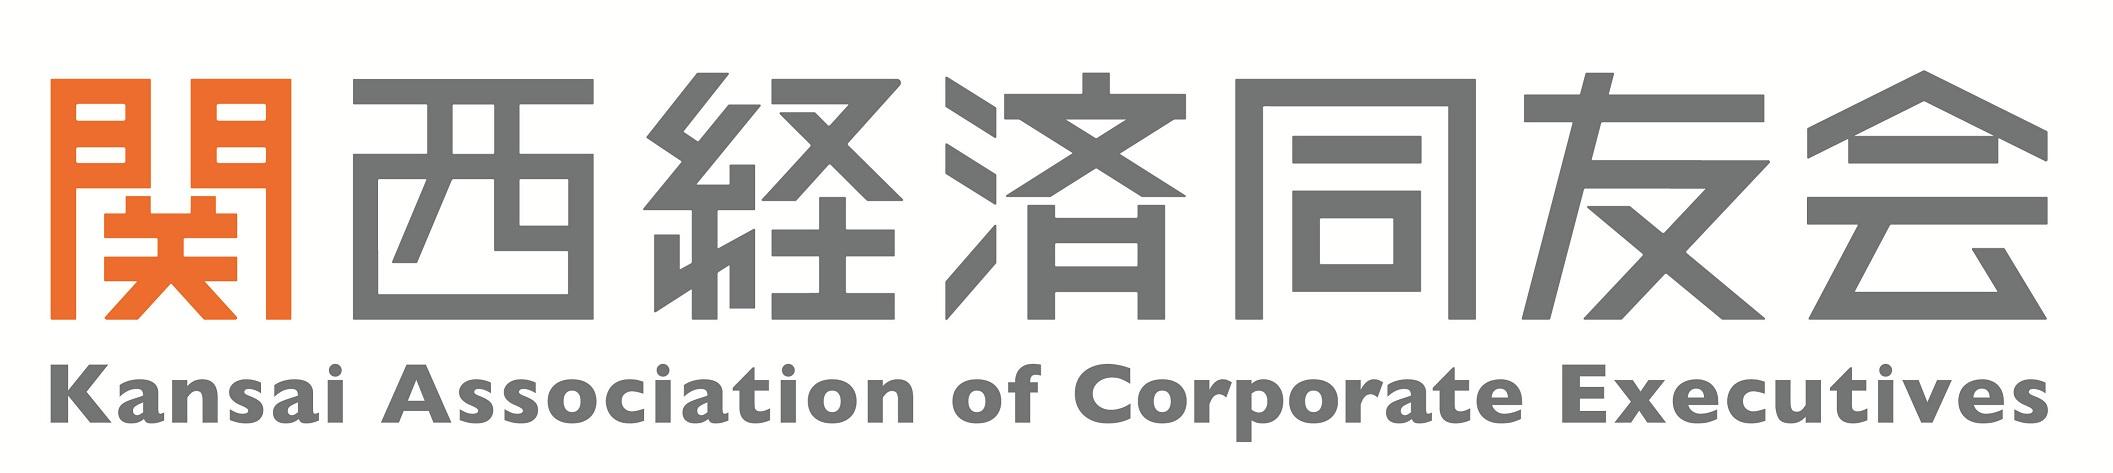 Kansai Association of Corporate Executive